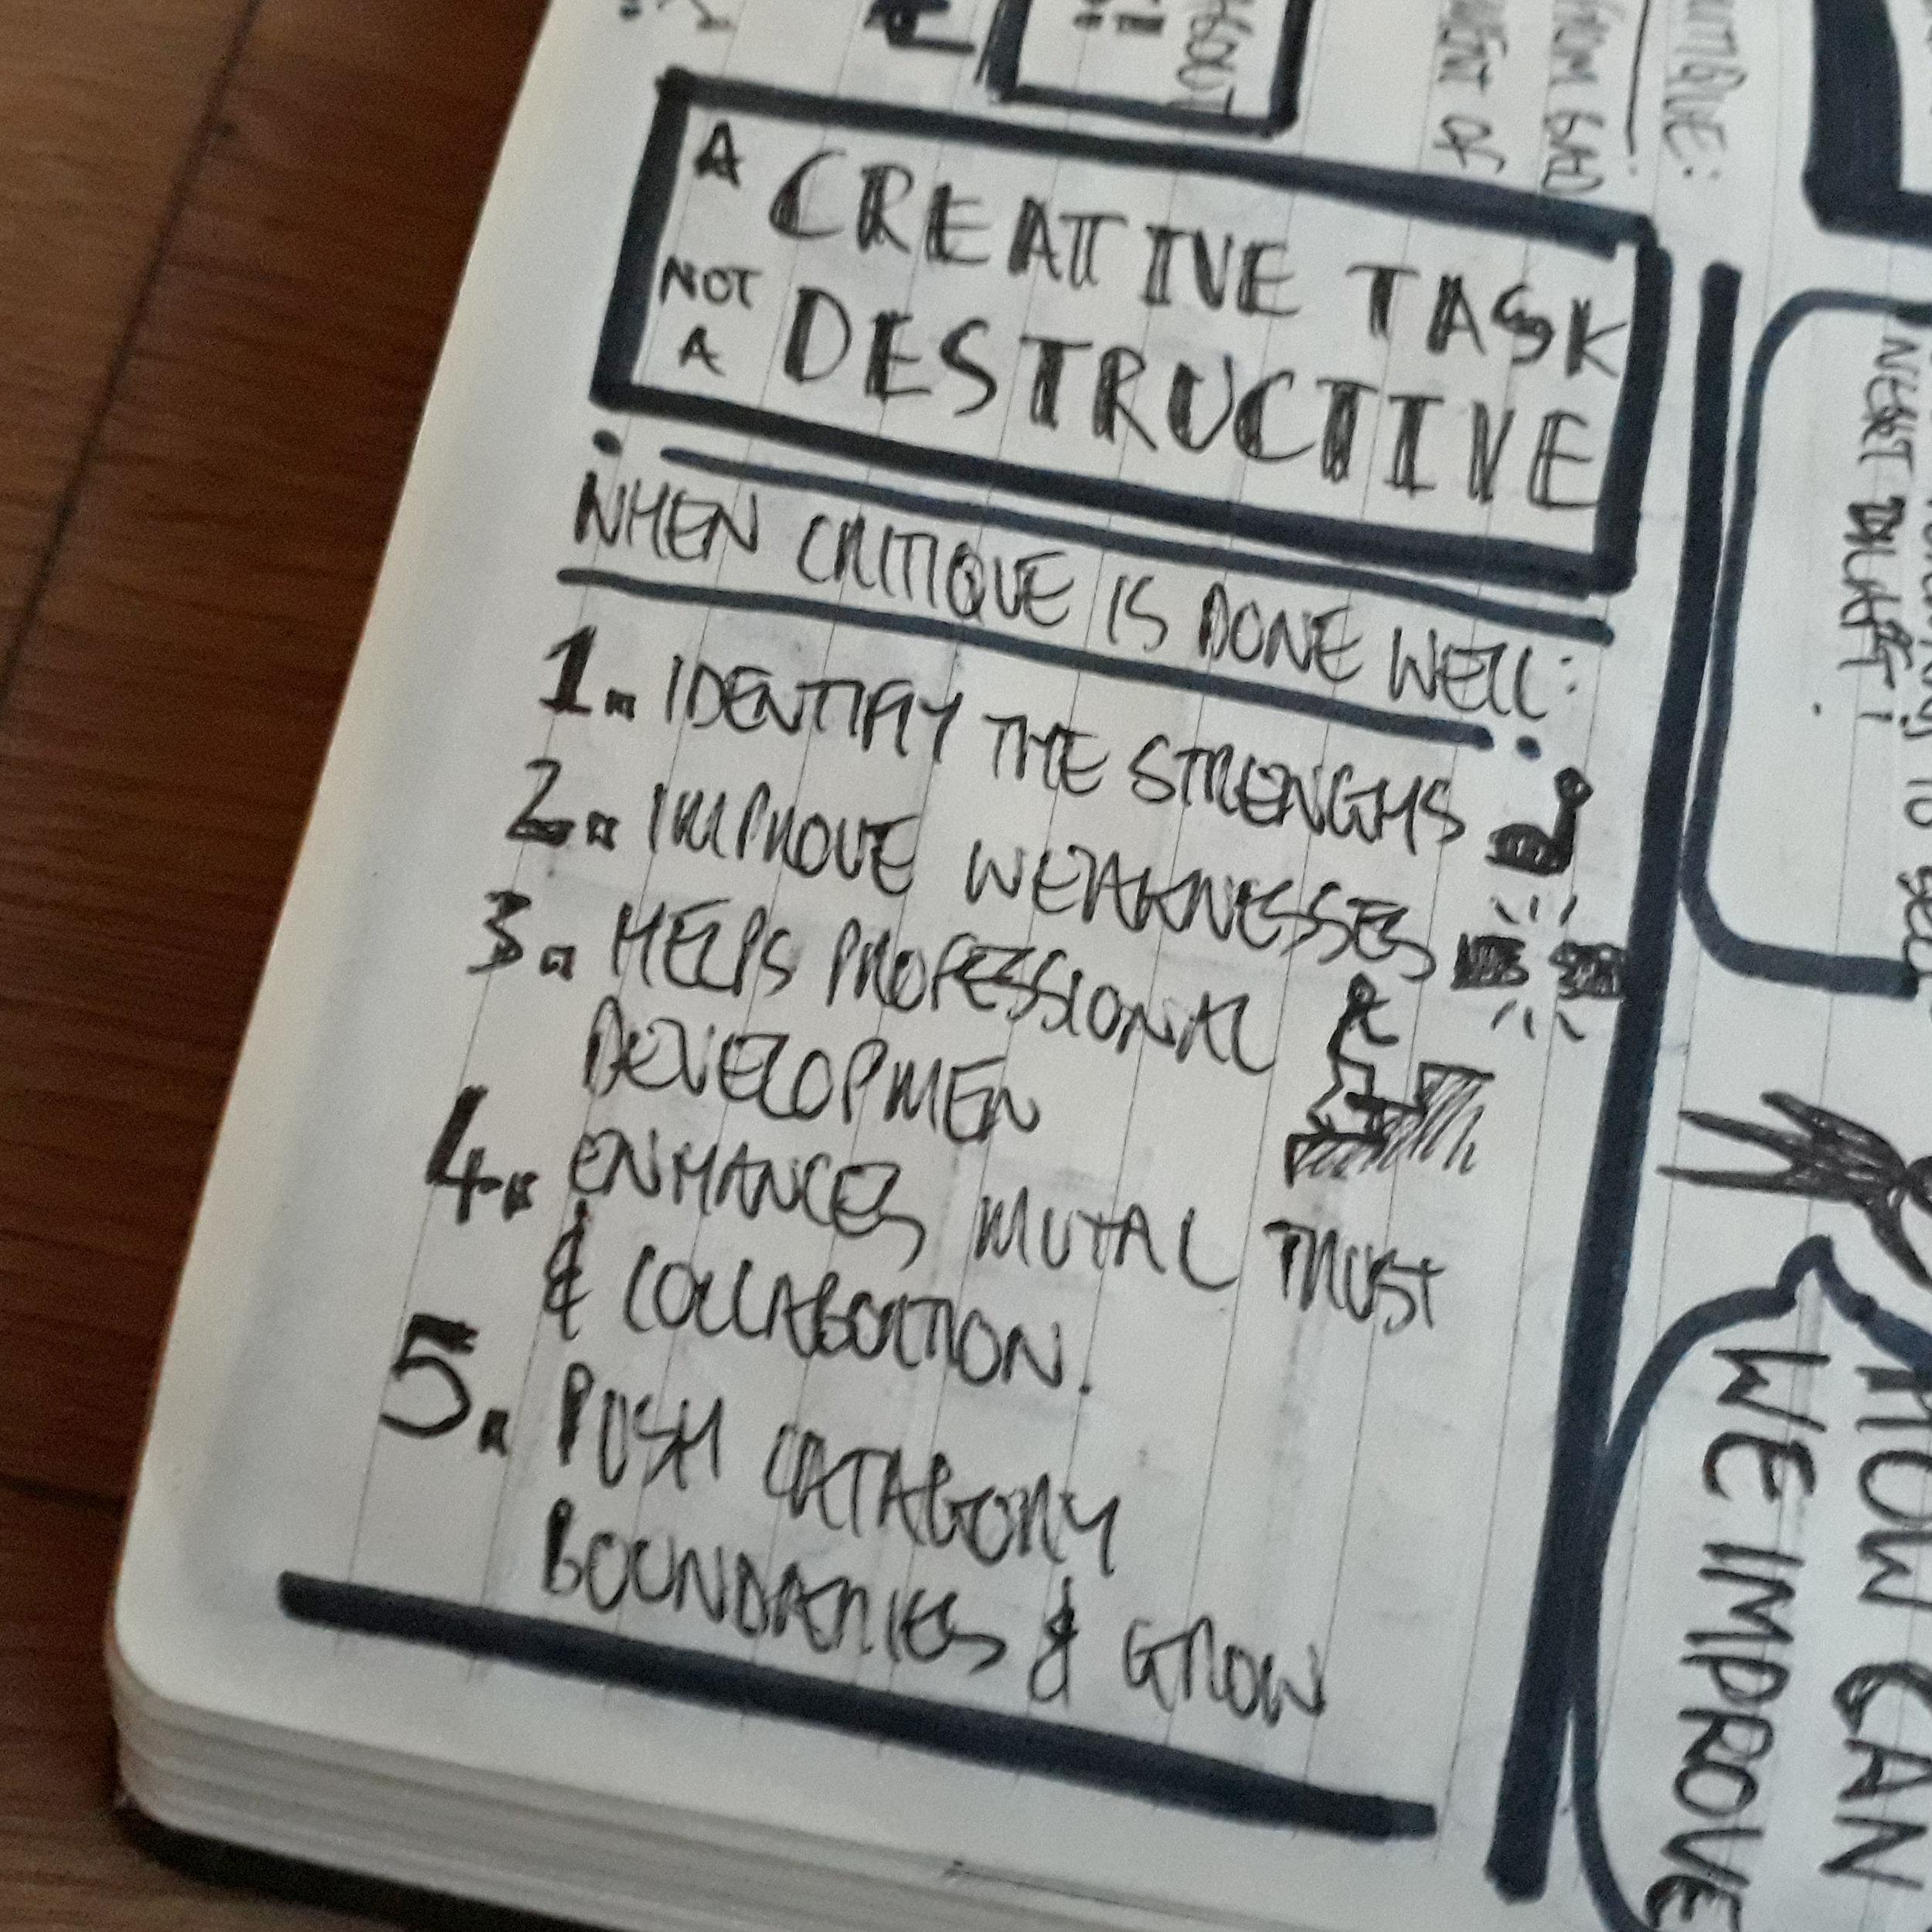 DesignCritiqueBestPractices7.jpg